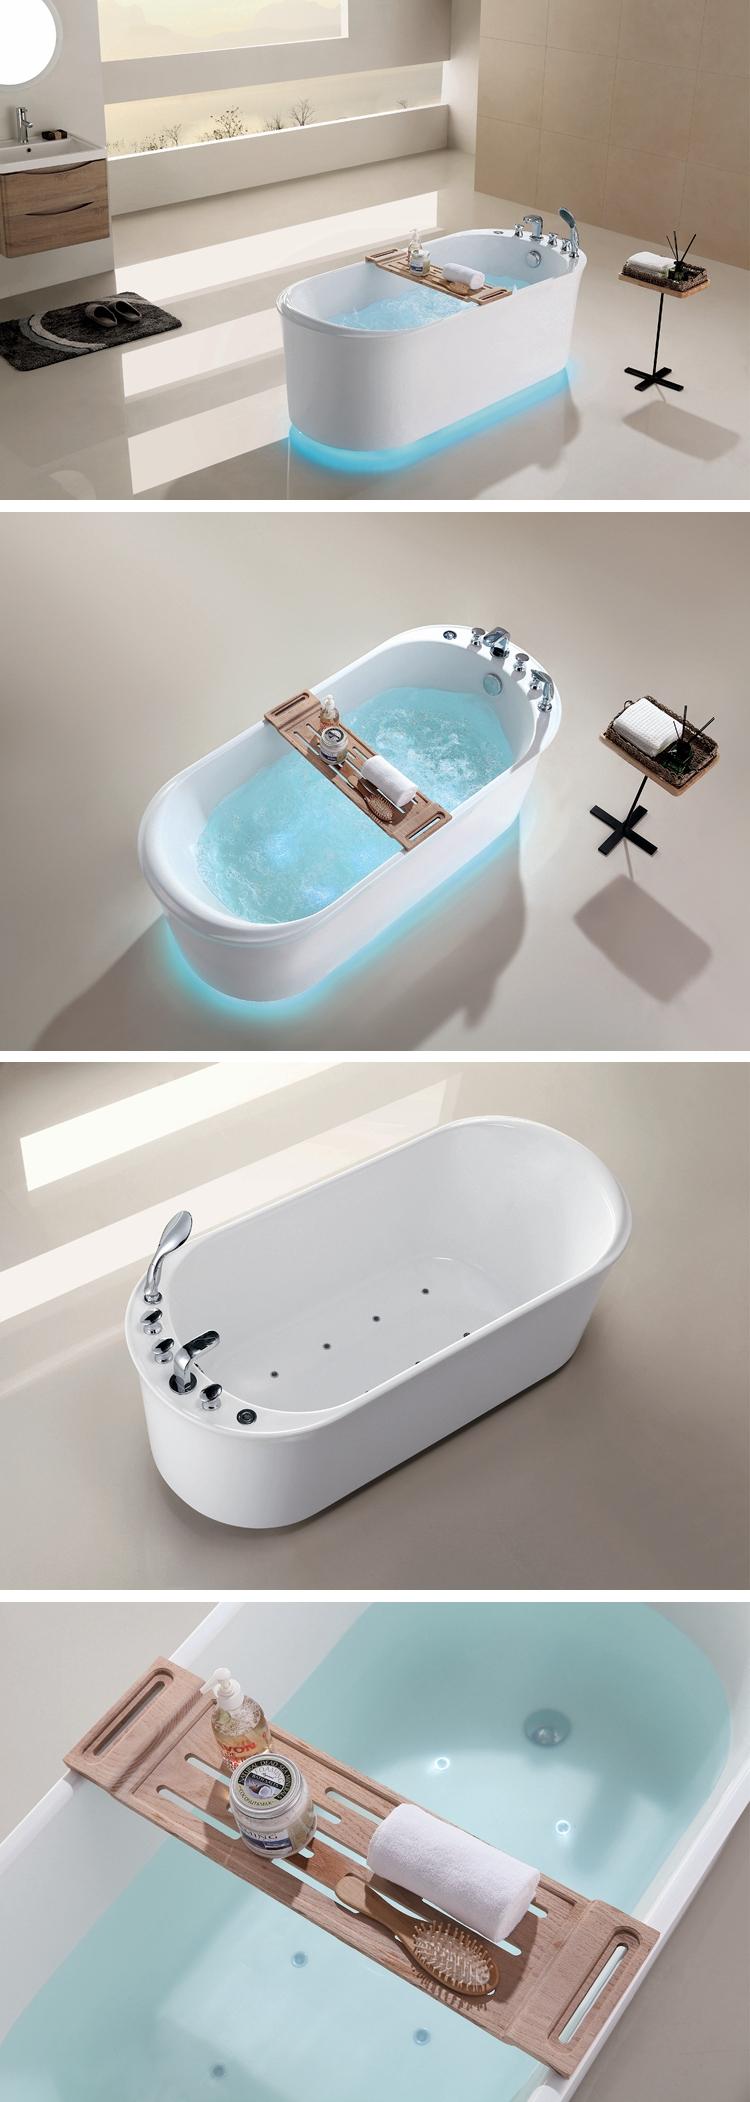 baignoire en acrylique a petit jet pour une personne simple algerien a bas prix buy baignoire acrylique algerie petite baignoire jet baignoire pour